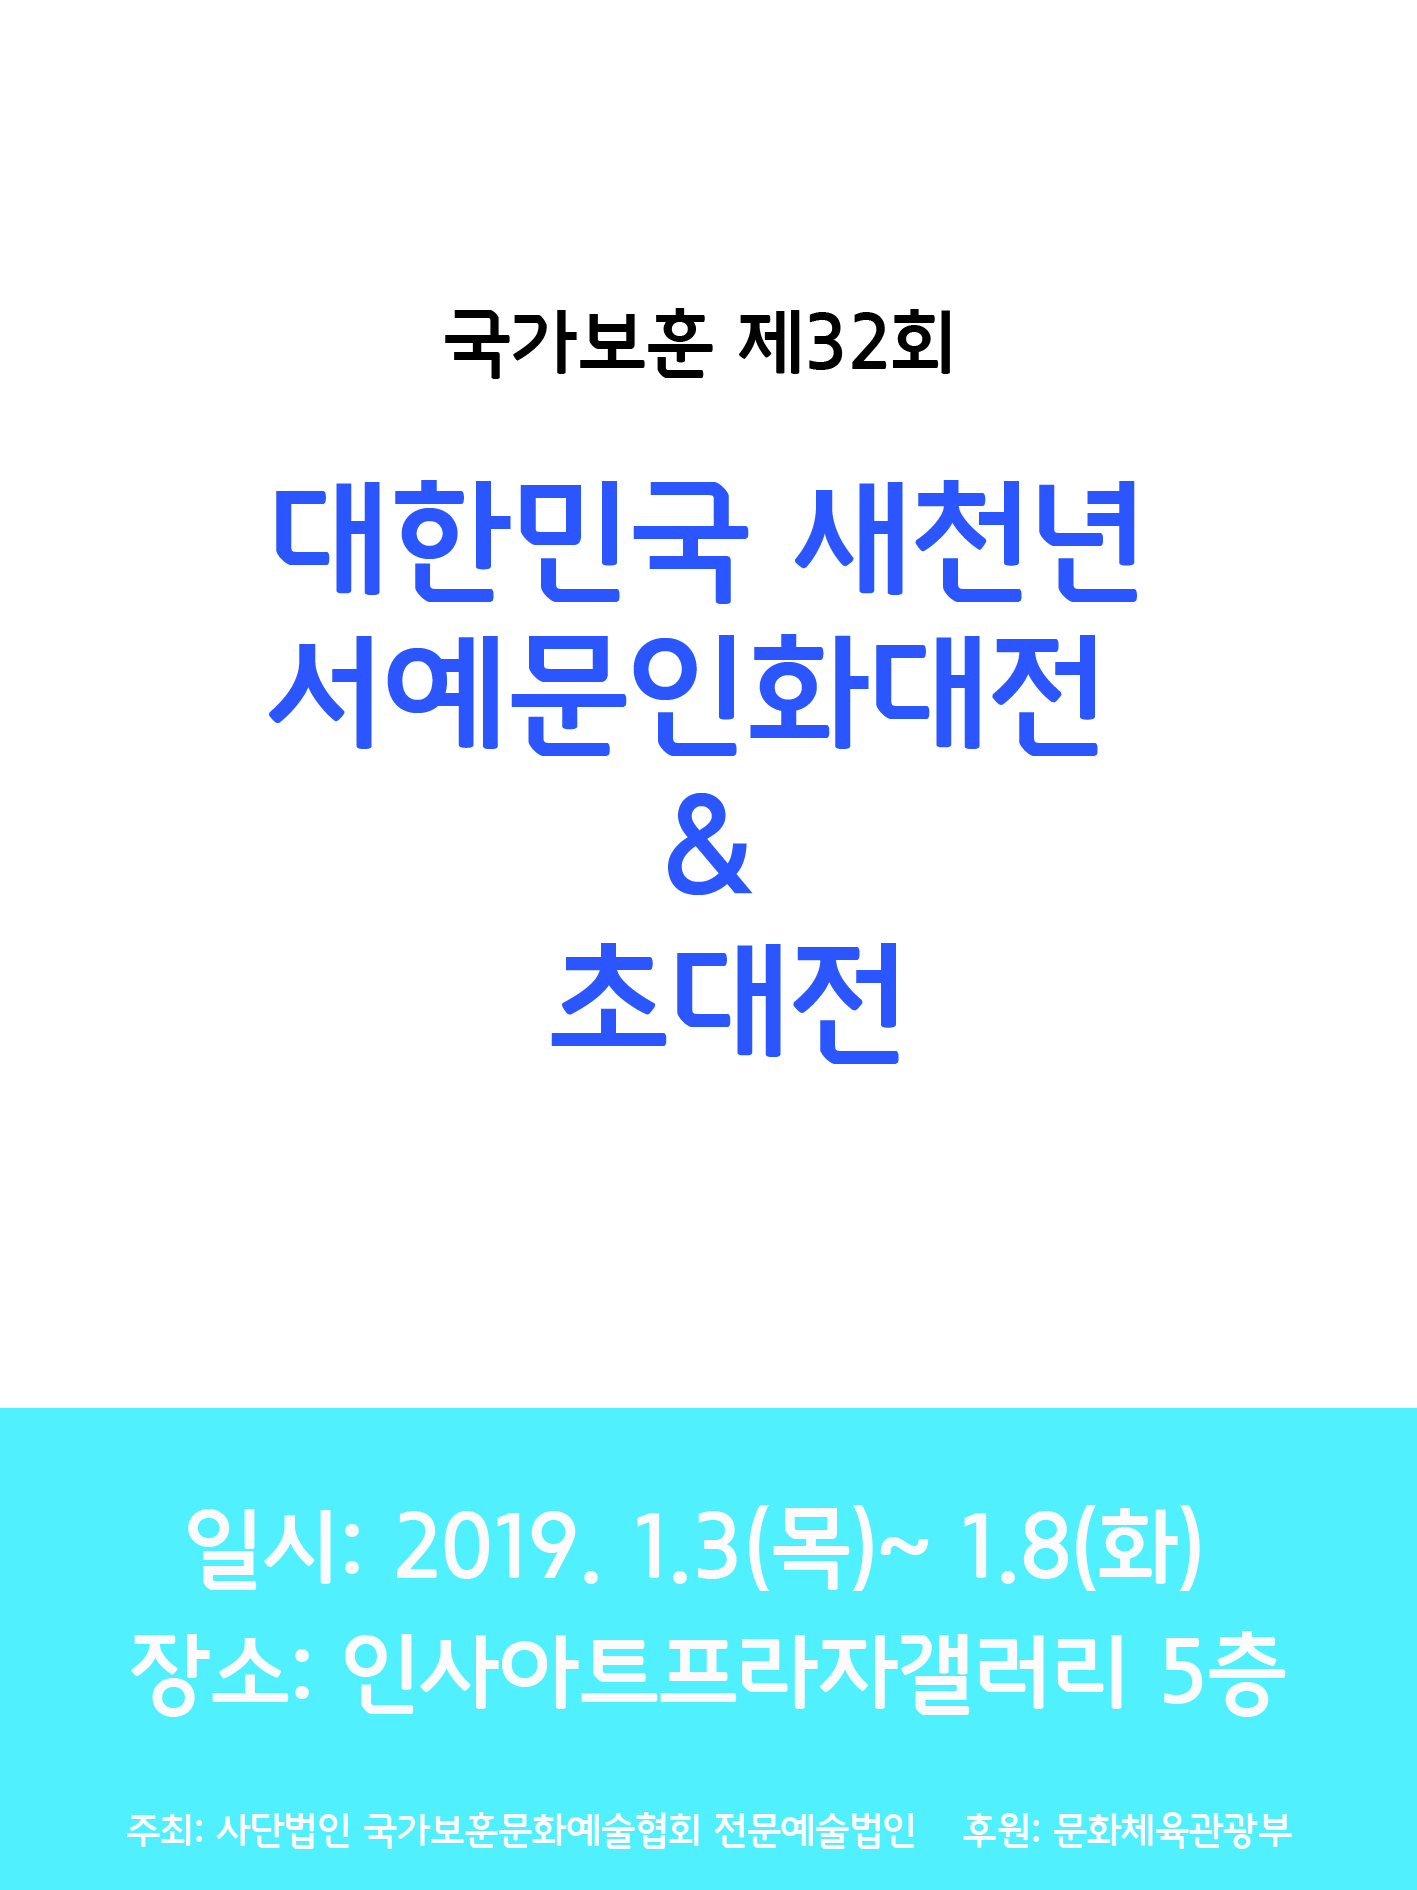 대한민국새천년 서예문인화대전.jpg